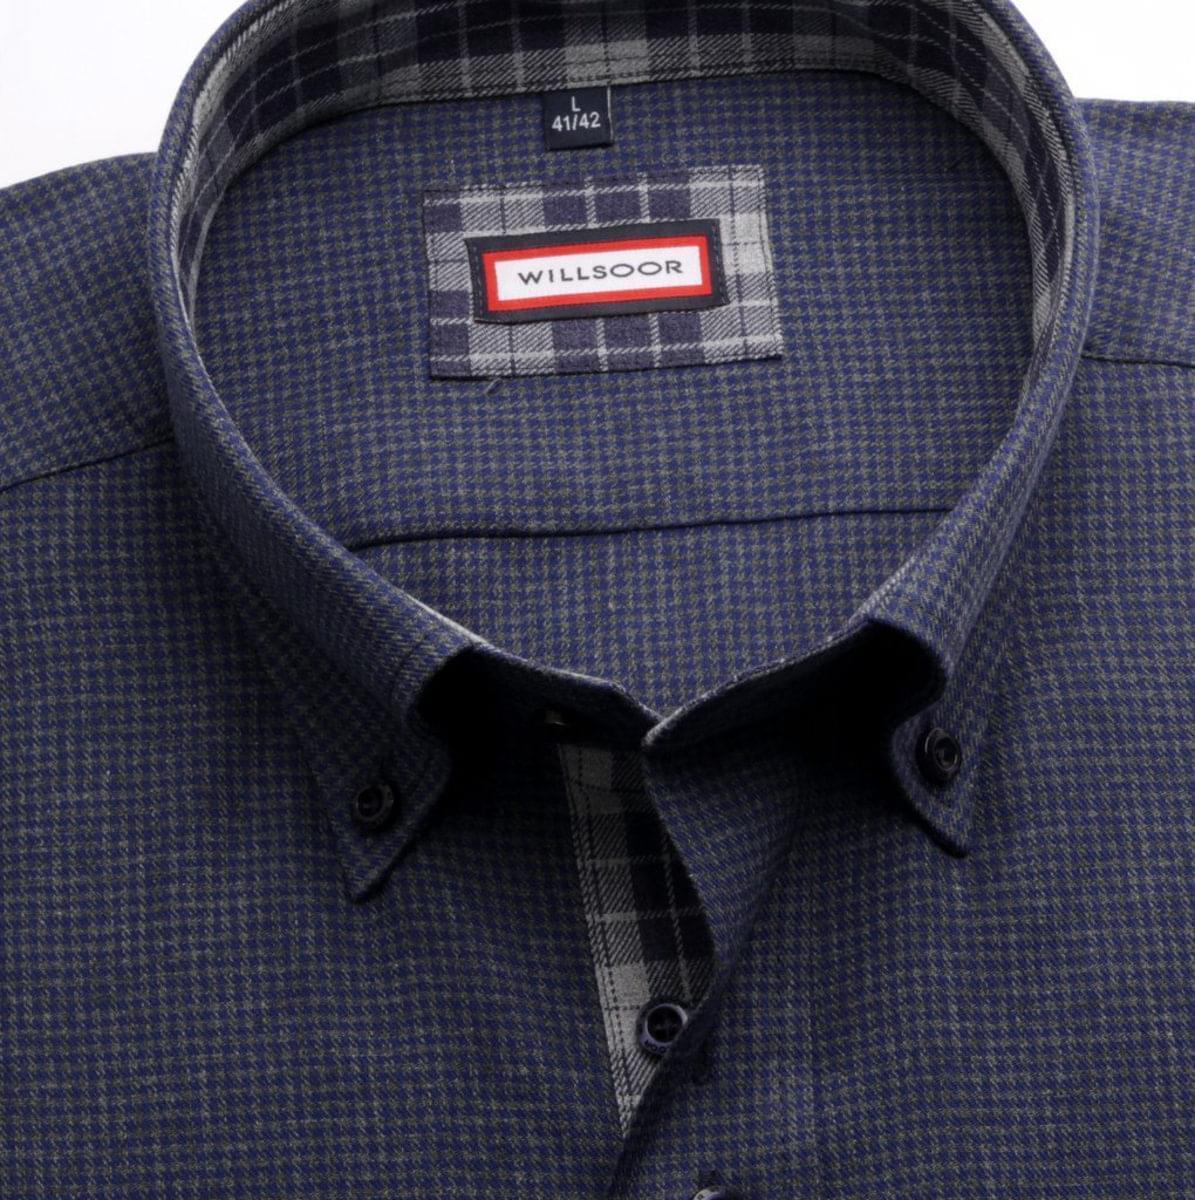 Košile WR Slim Fit (výška 176-182) 4442 176-182 / XL (43/44)